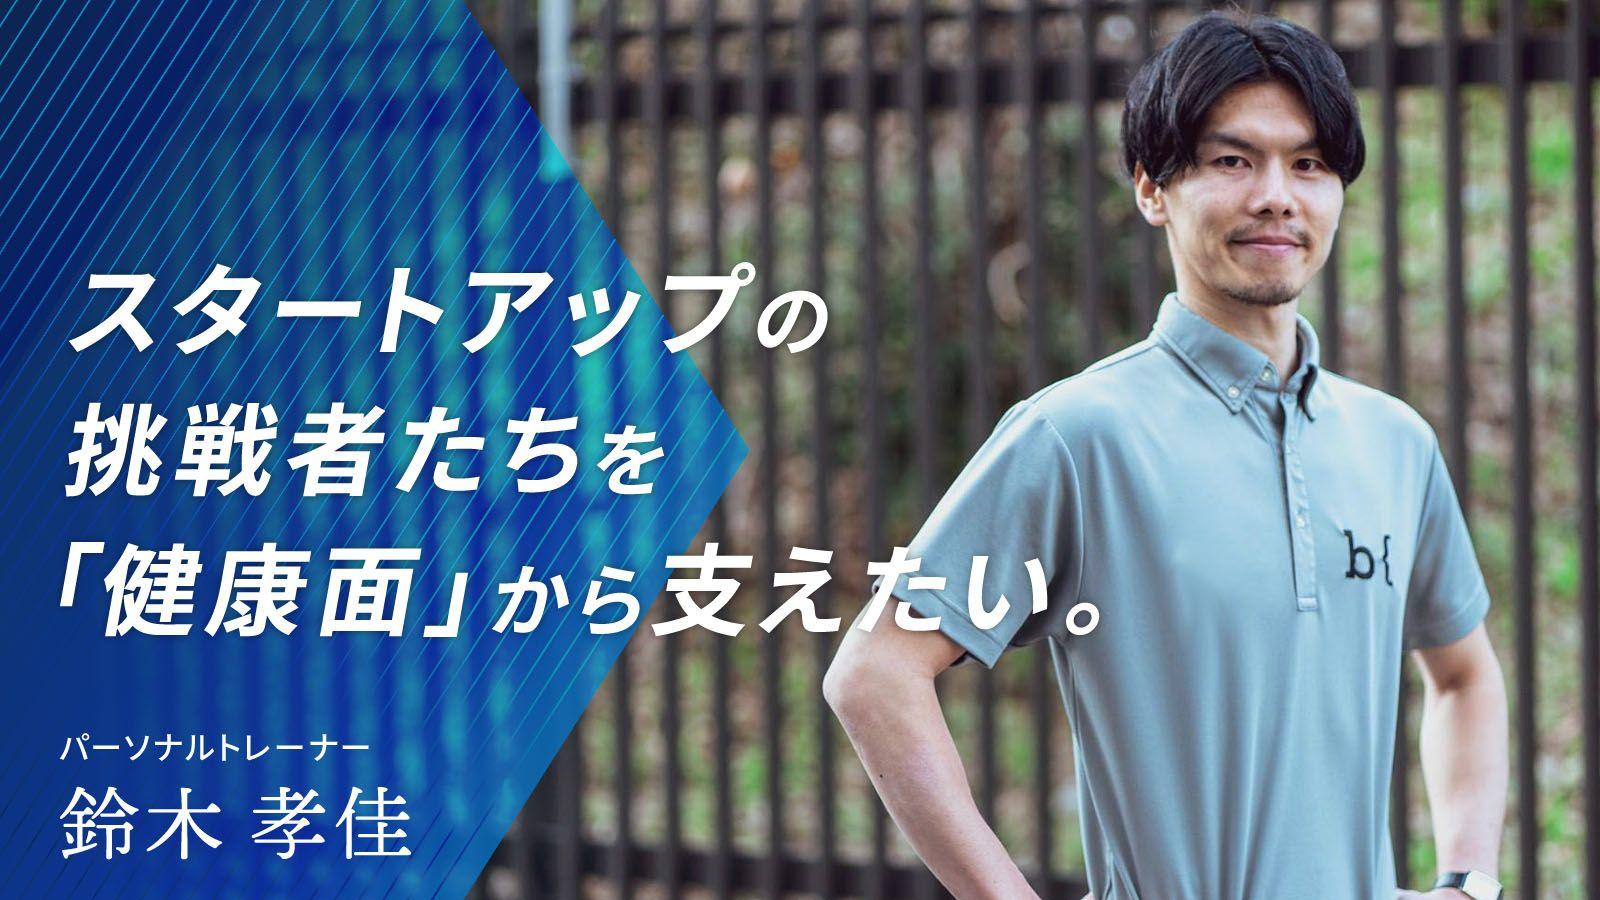 「1年前まで全くの無名だった」 鈴木孝佳が、Twitterフォロワー数4万人の人気トレーナーになるまで